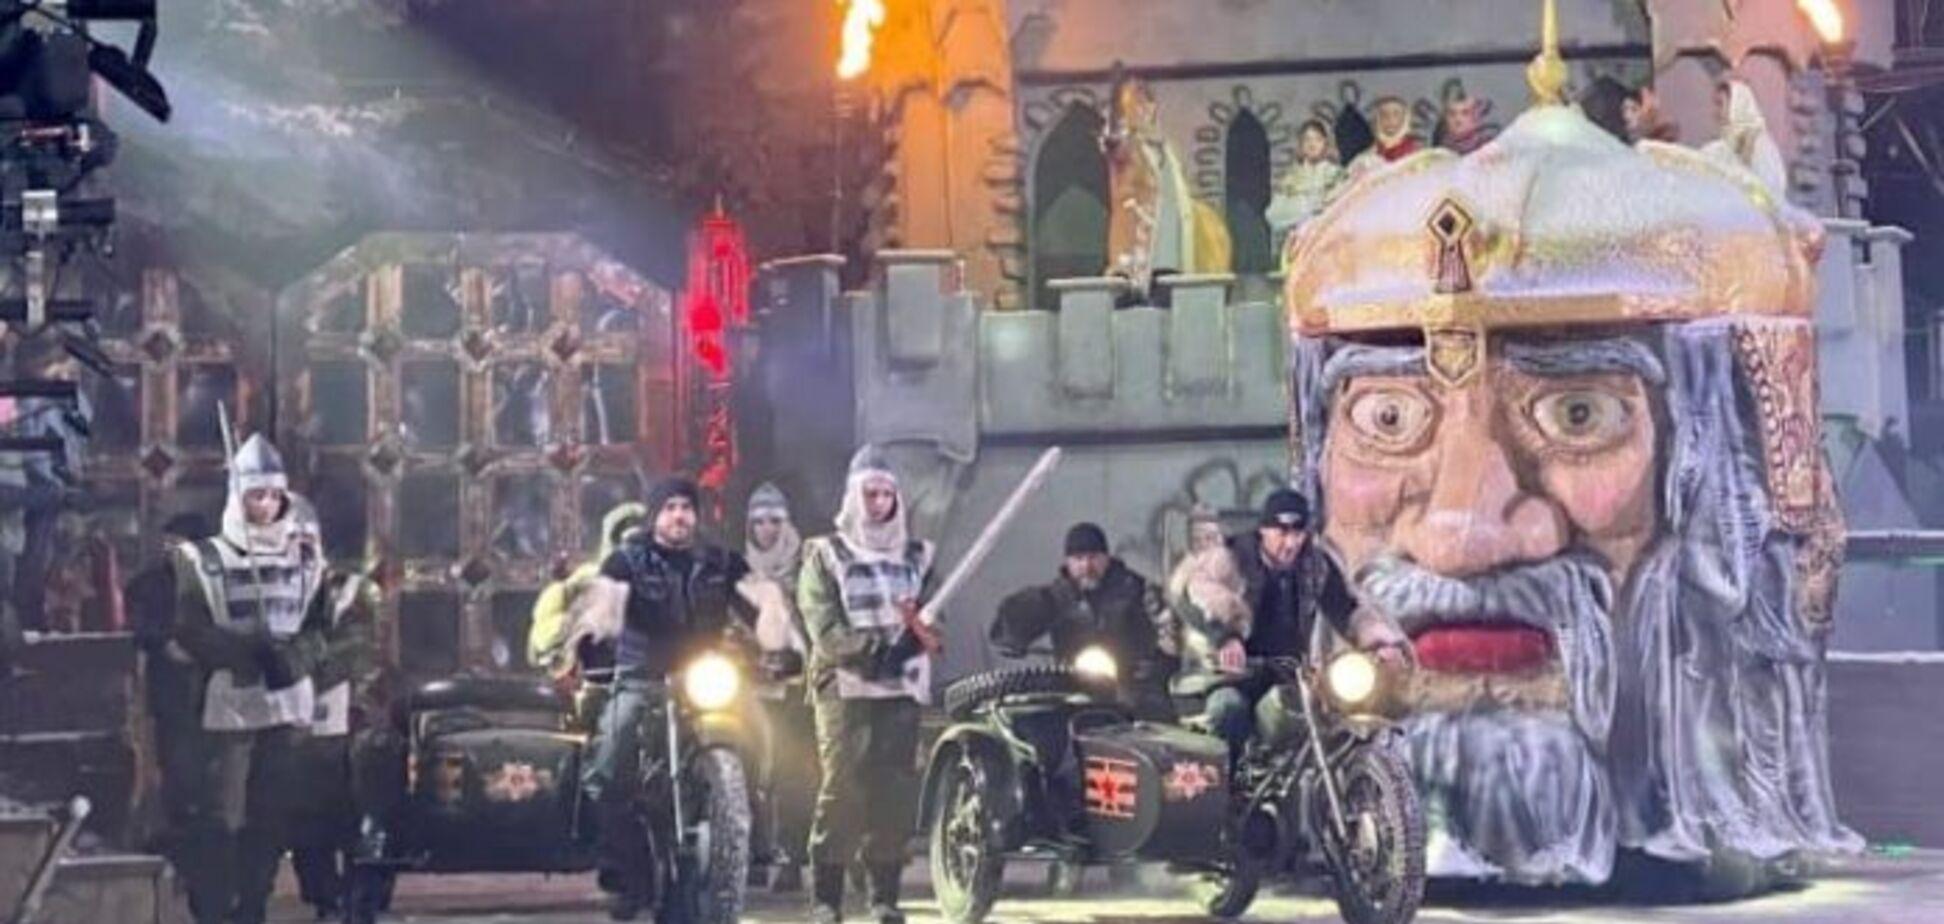 Как 'ополченцы' в лаптях и камуфляже спасали Новый год в Луганске